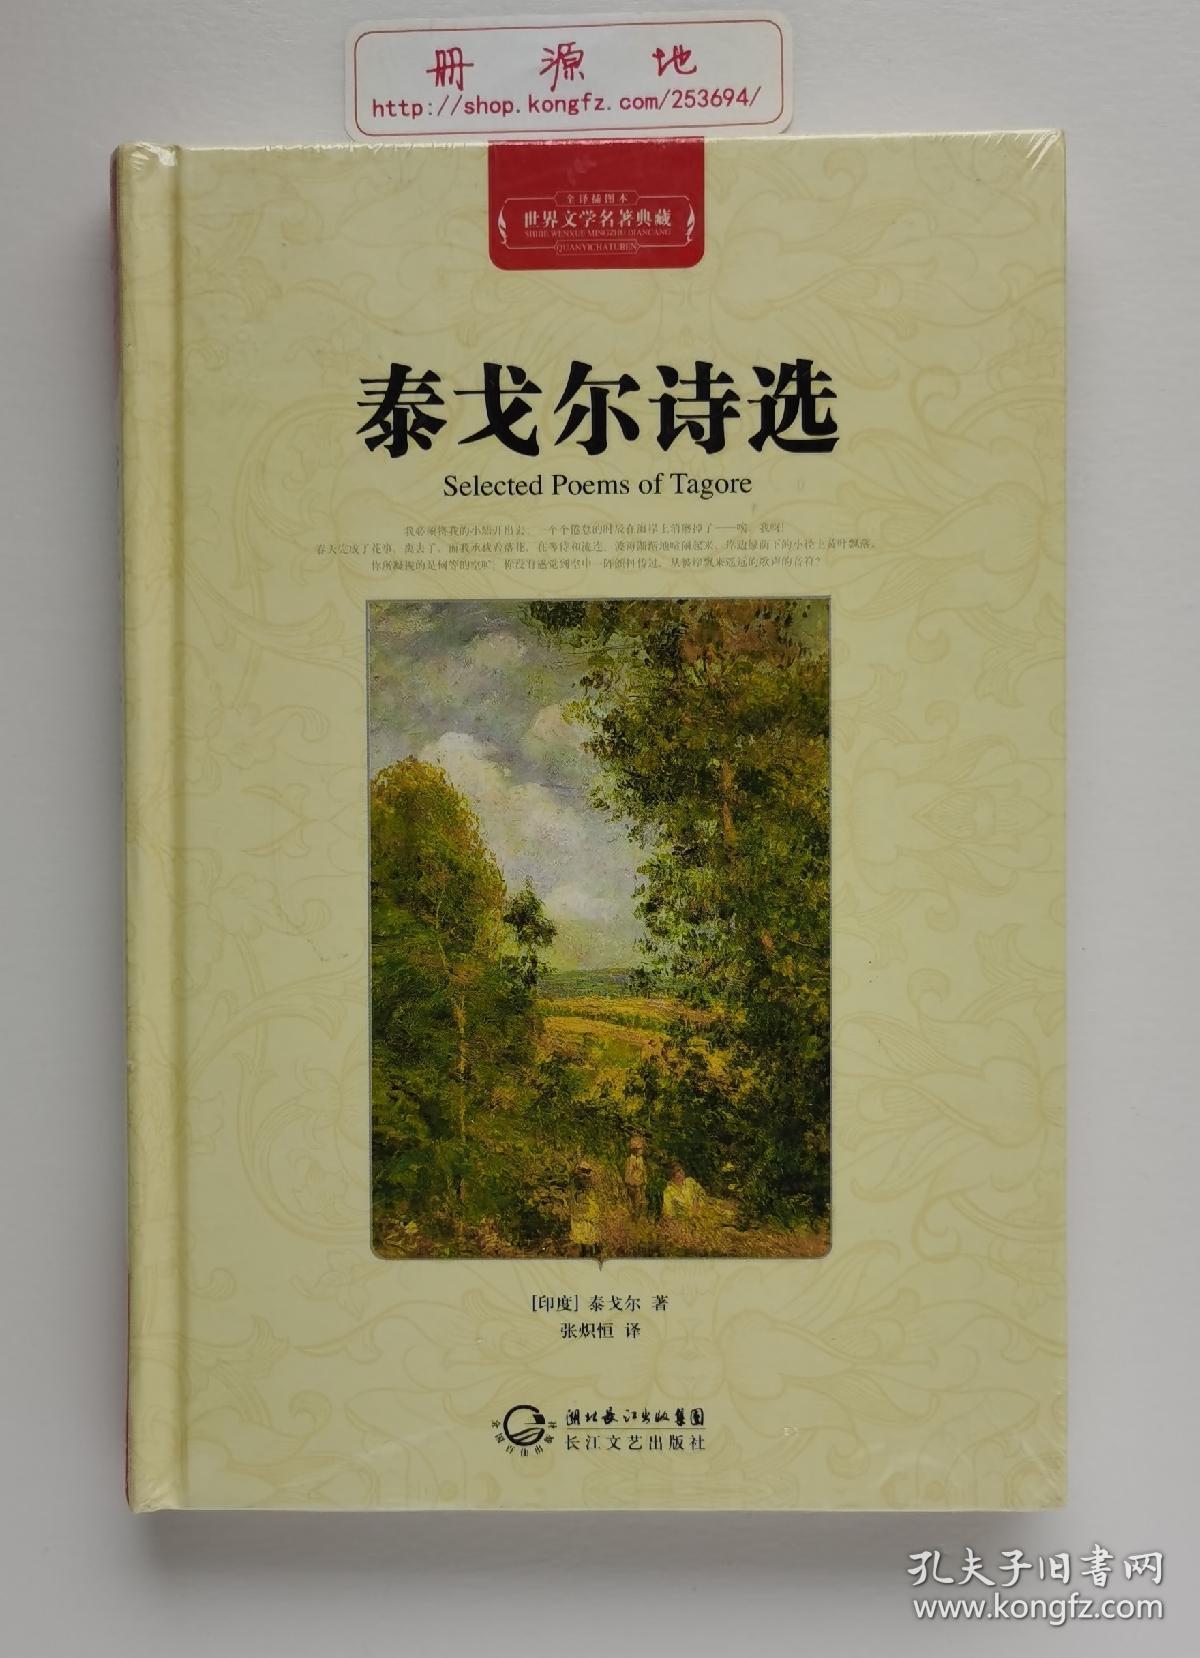 泰戈尔诗选 诺贝尔文学奖获奖者泰戈尔经典诗作选集  精装 塑封本